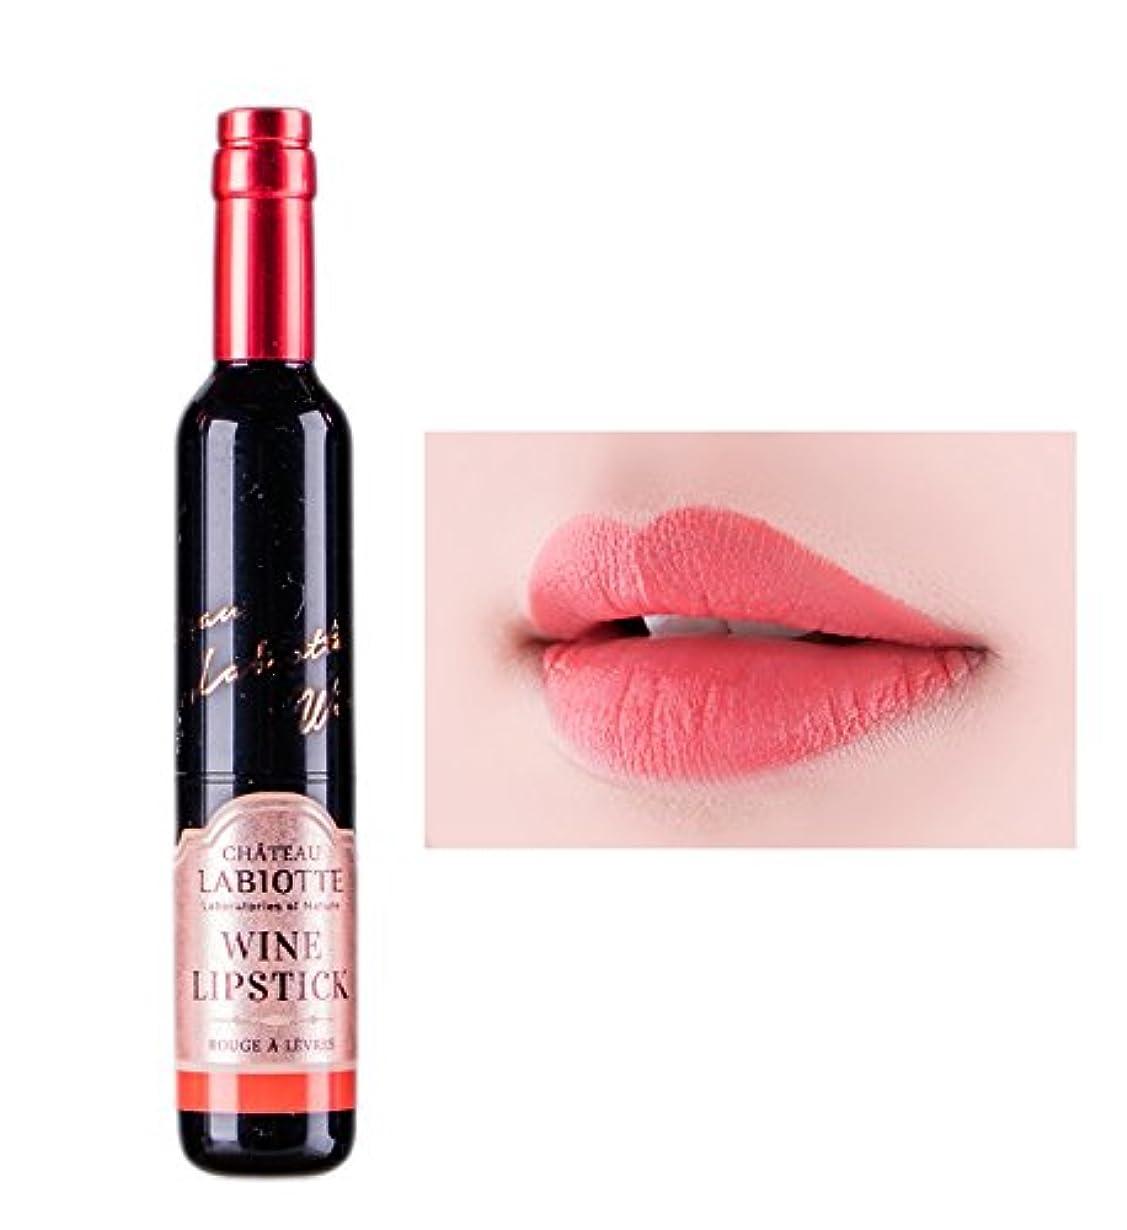 考案する苦難めまいがLABIOTTE (ラビオッテ) シャトーラテ ワイン リップ グロス 口紅 Melting [海外直送品] Labiotte Wine Lipstick Melting (CR01 : CHABLIS CORAL)